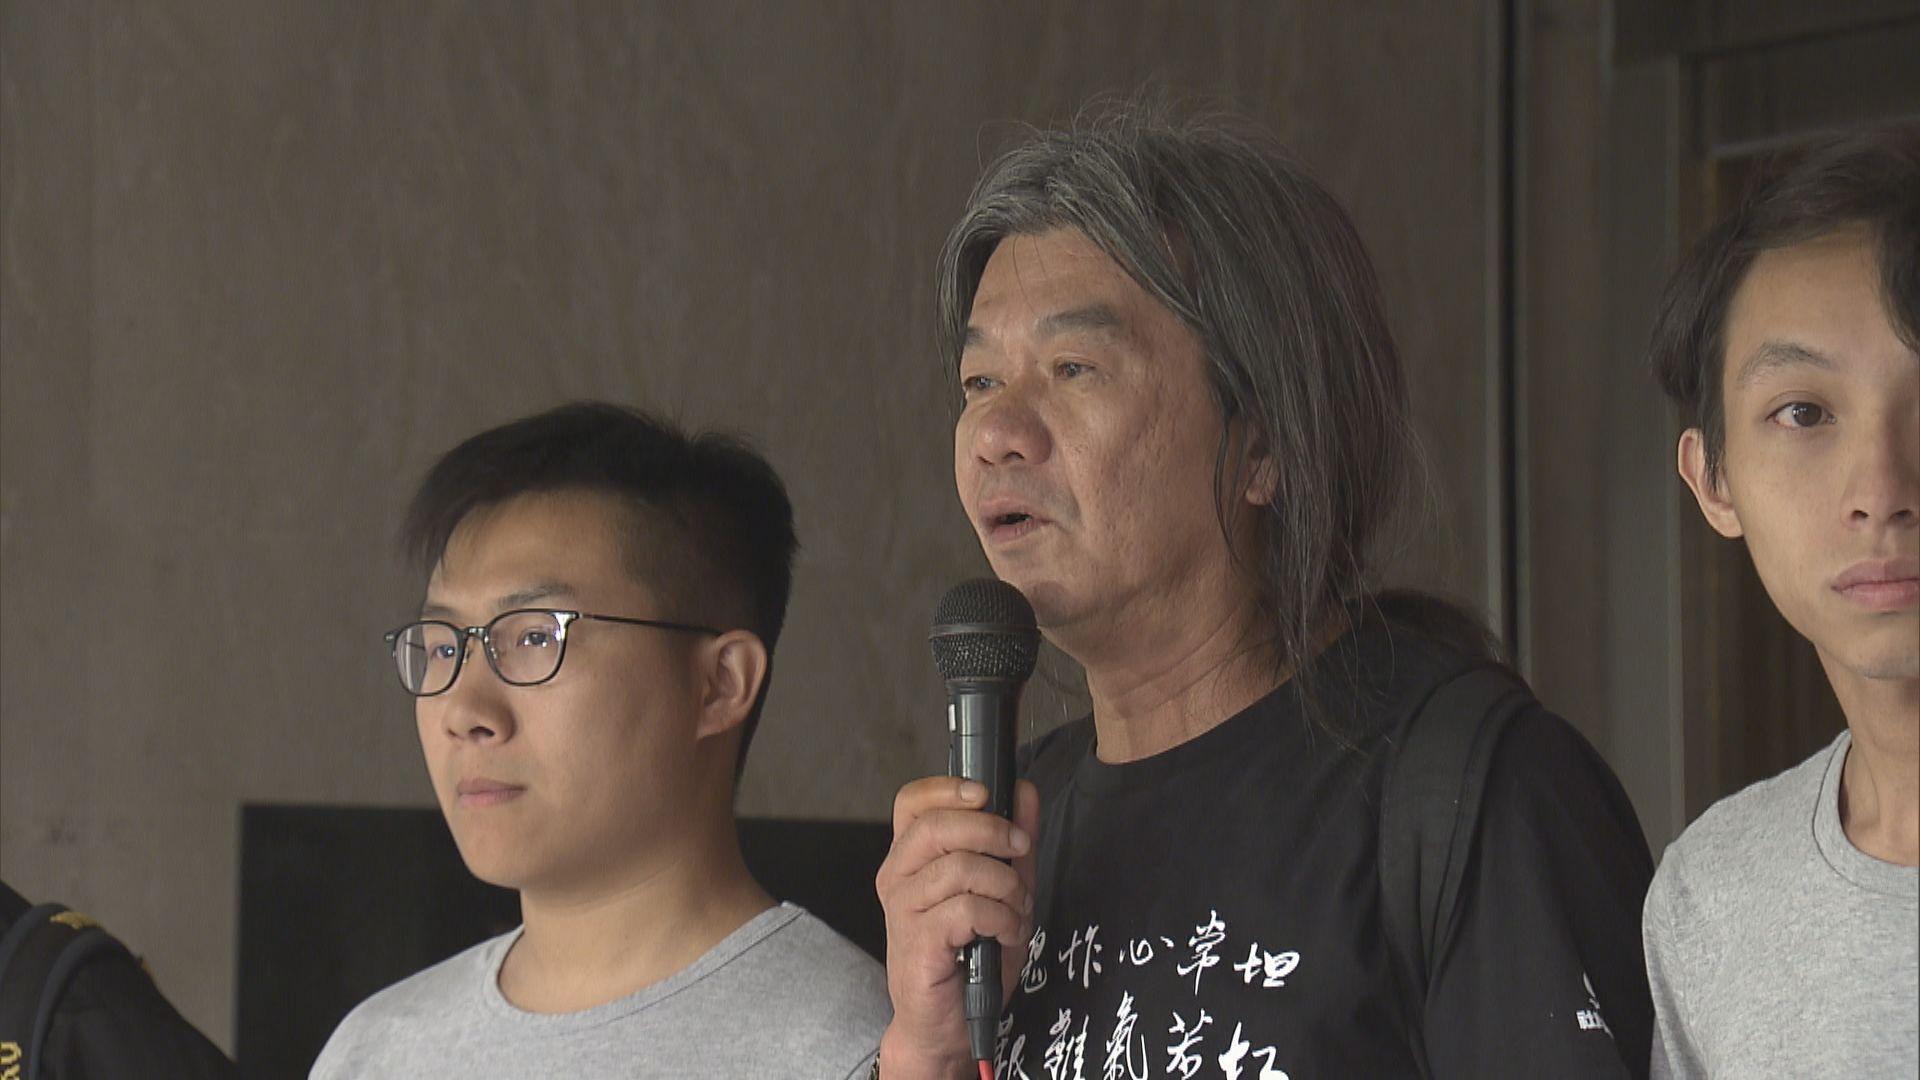 梁國雄違文娛中心規例 高院拒批上訴許可